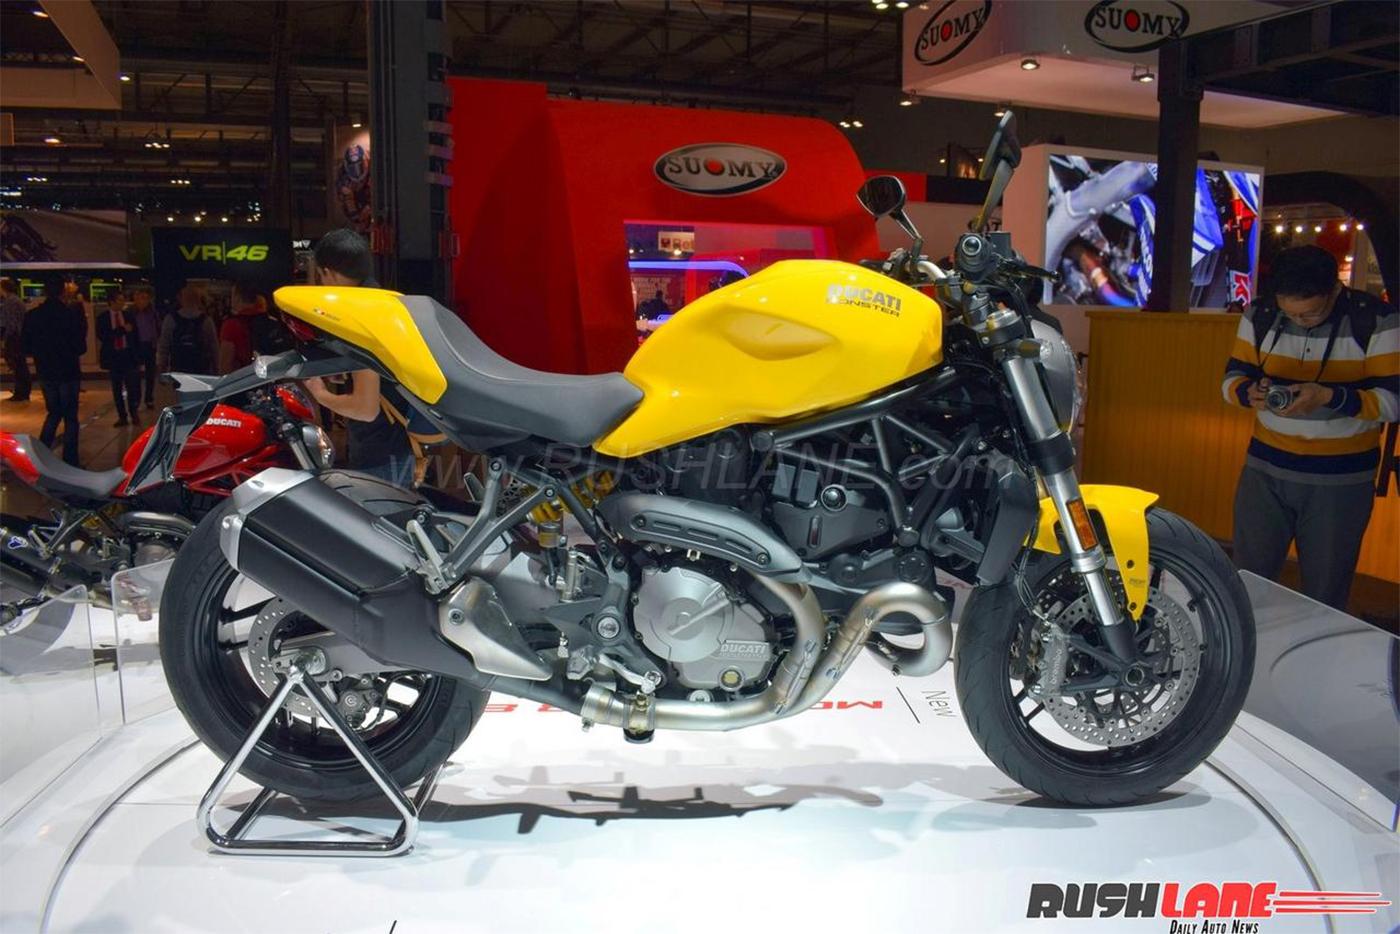 ducati-monster-821-4.jpg